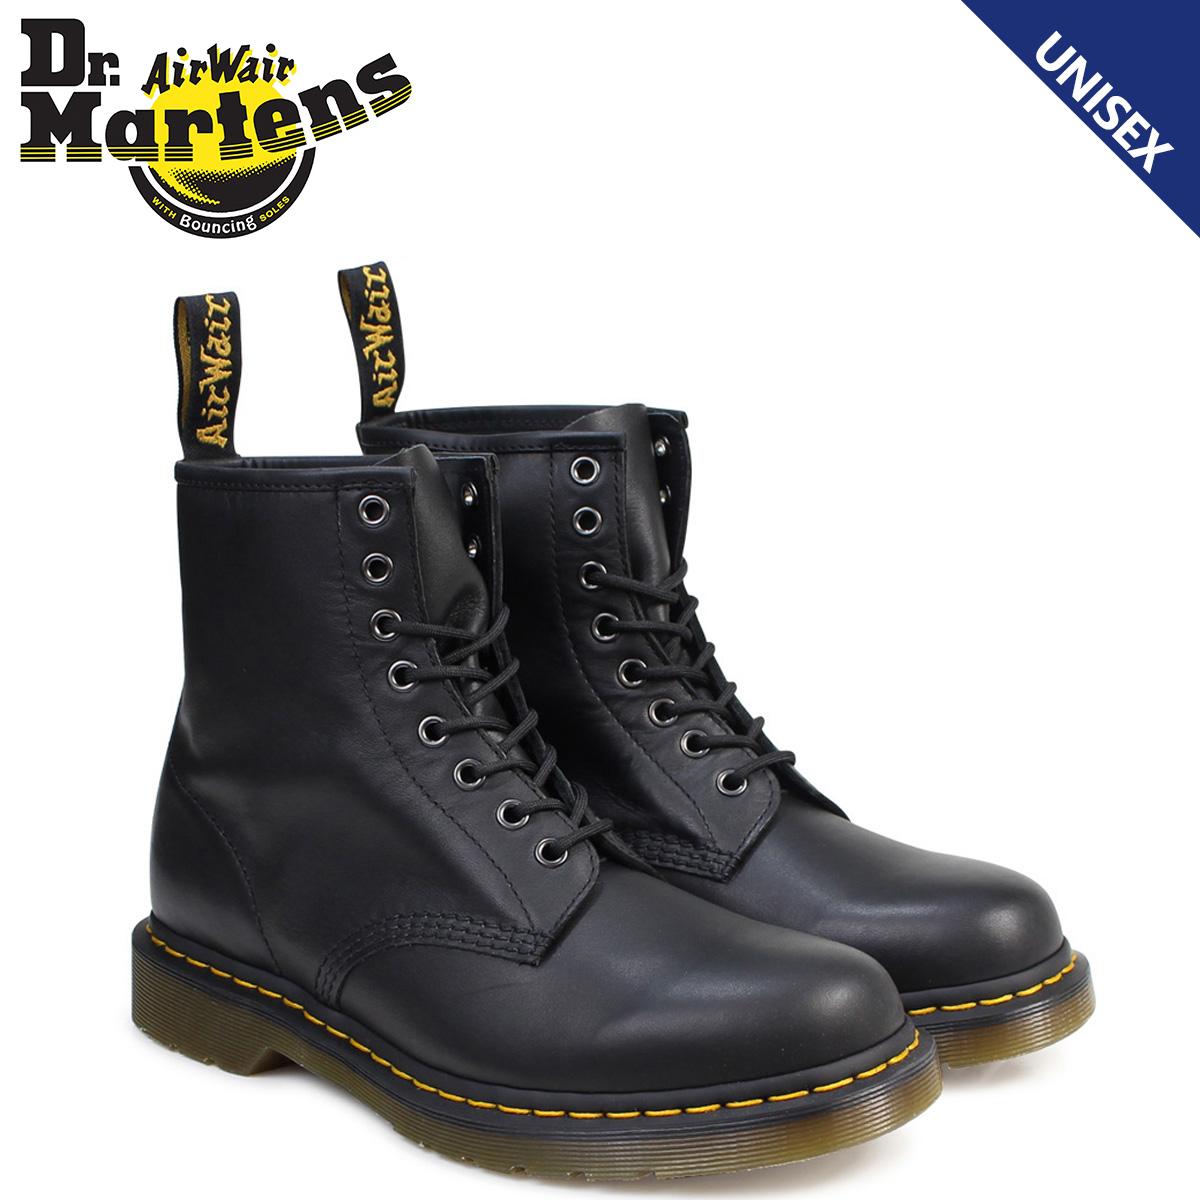 ドクターマーチン Dr.Martens 8ホール 1460 メンズ レディース ブーツ 8EYE BOOT R11822002